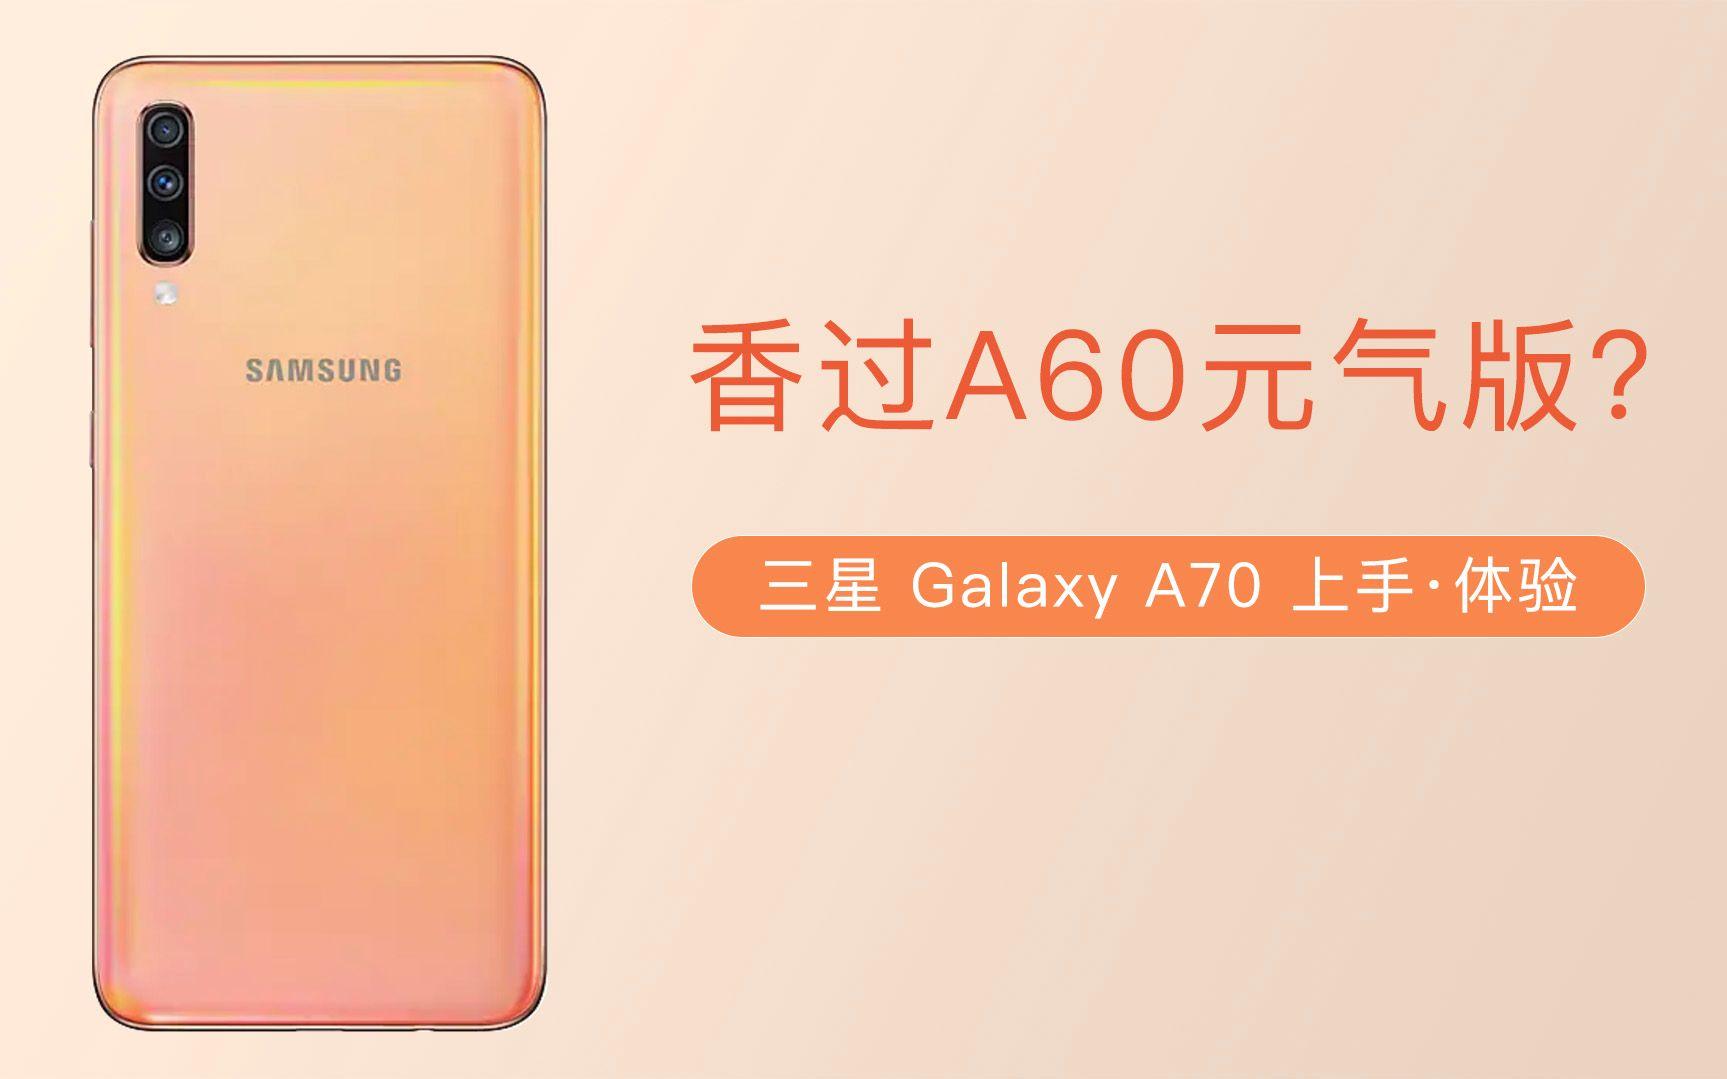 galaxy a60 元气 版